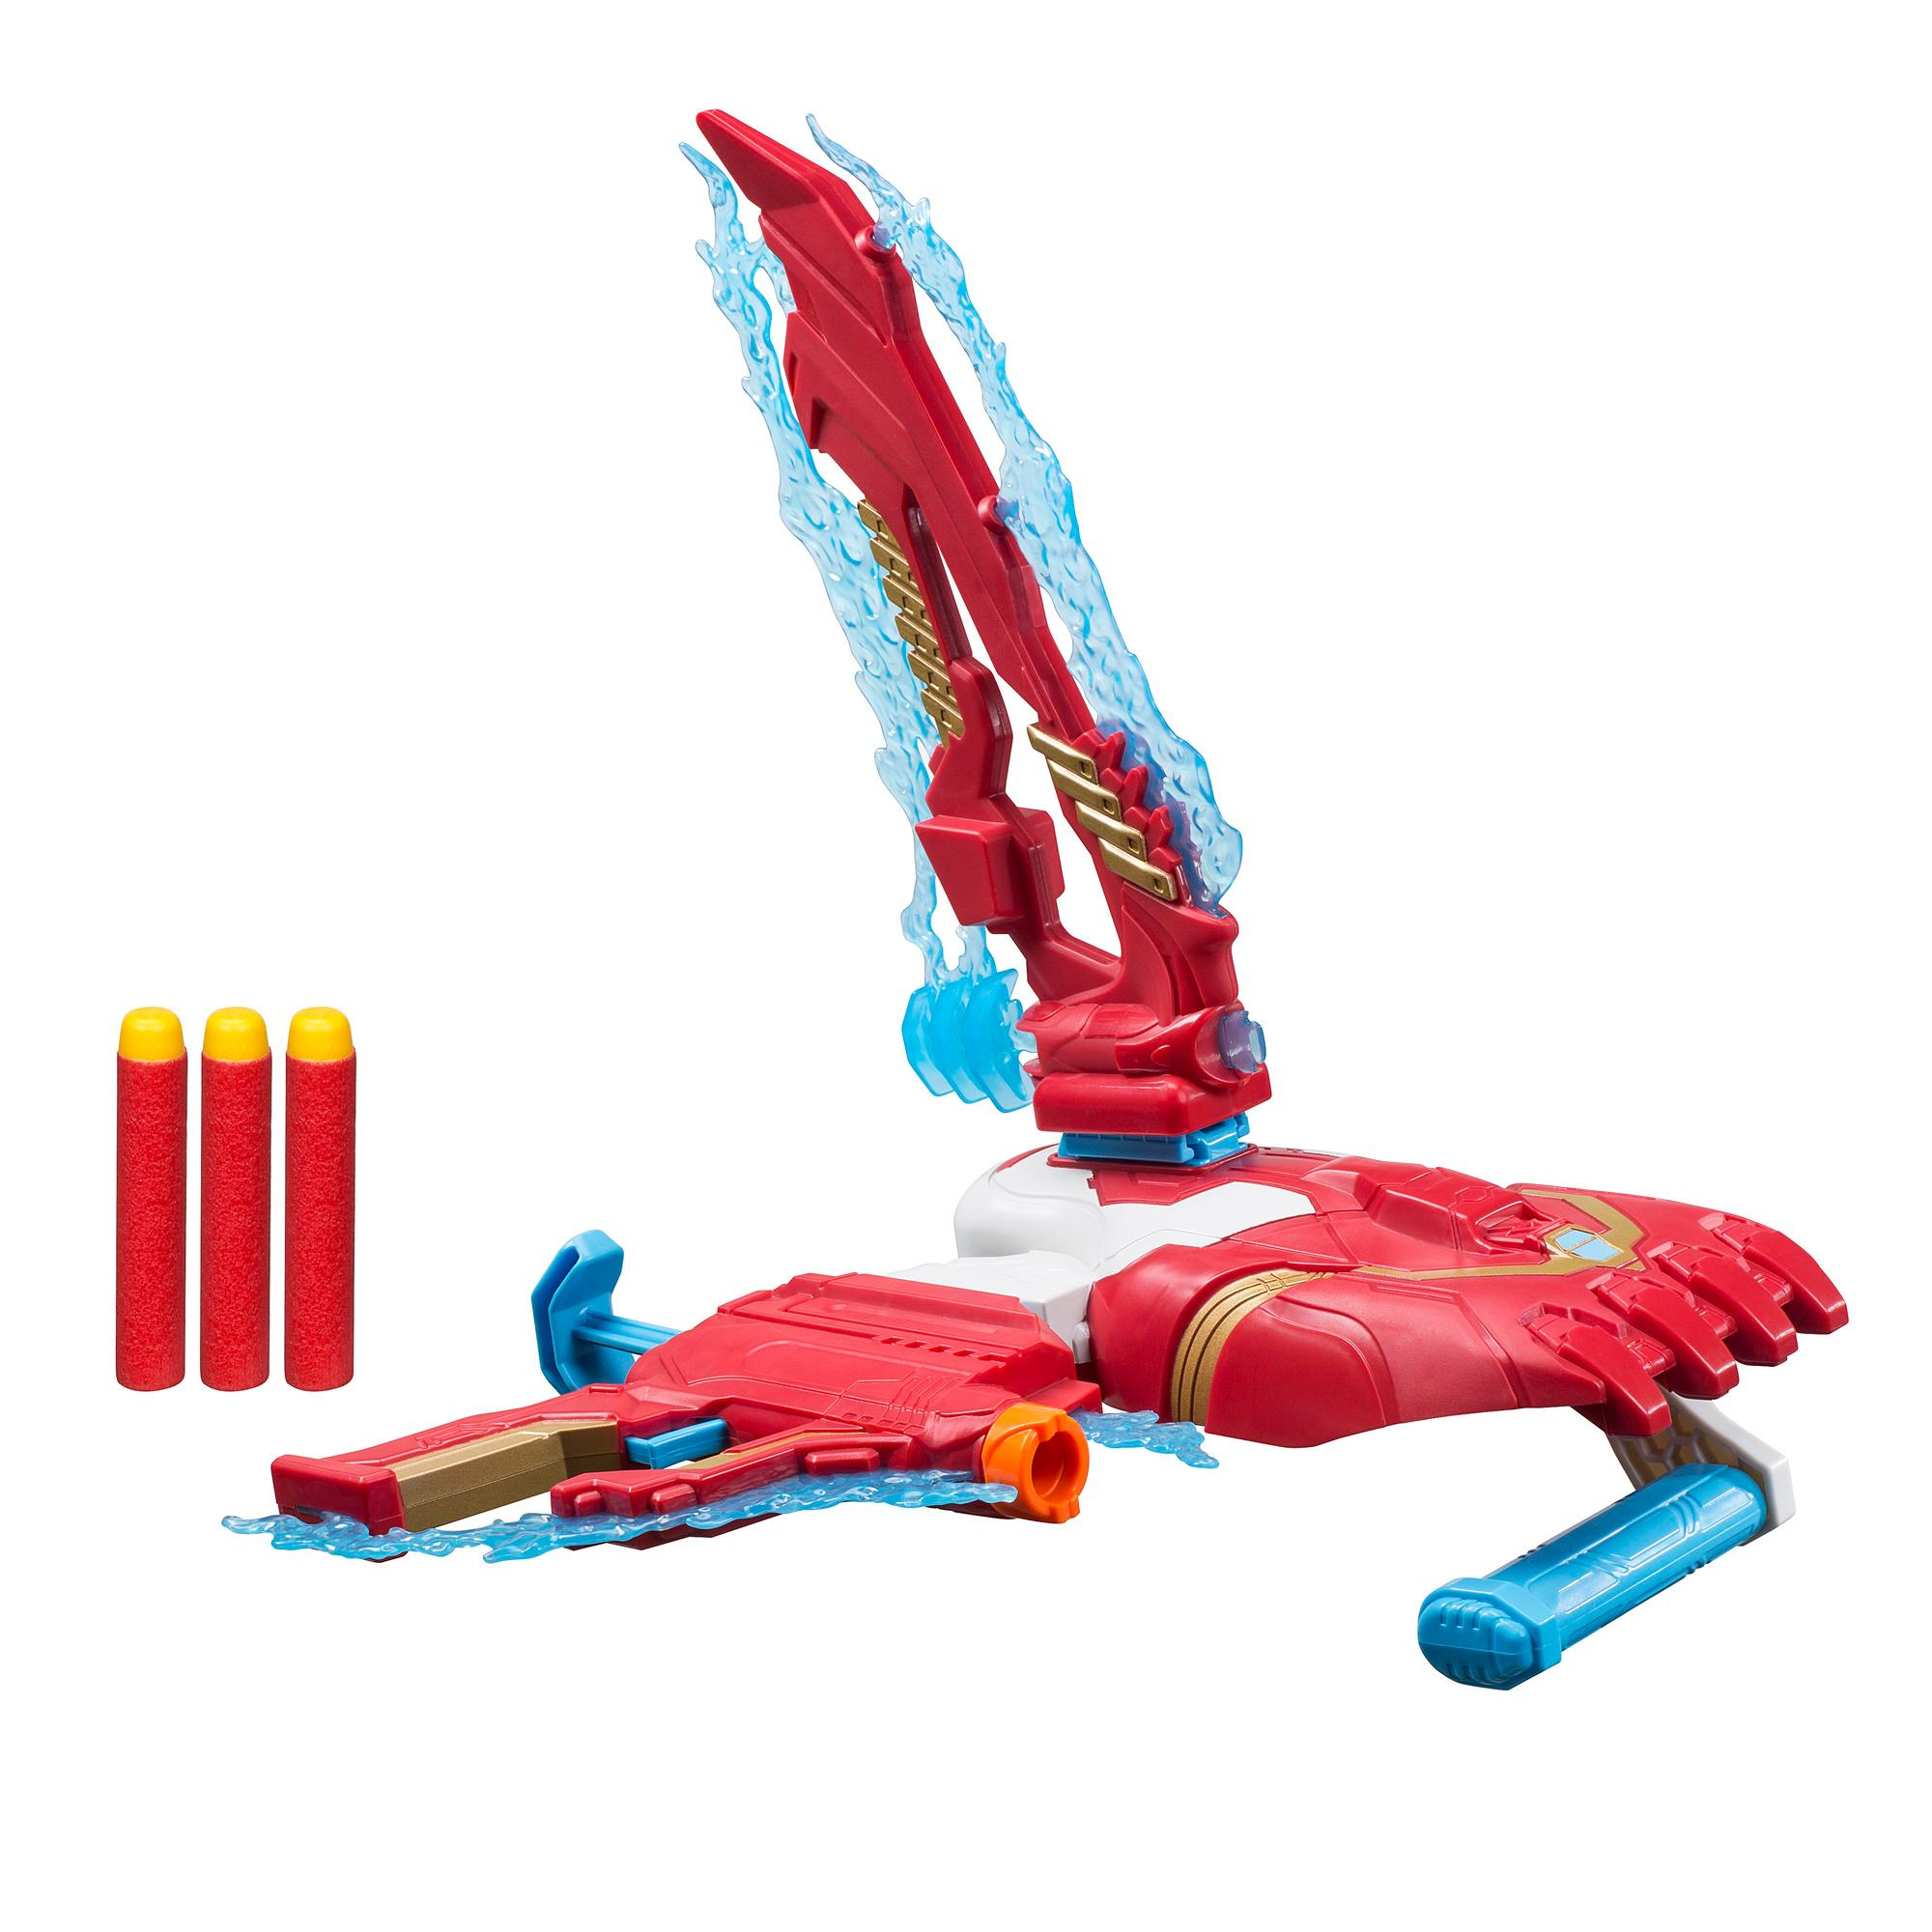 Marvel Avengers: Endgame - Nerf Iron Man Assembler Gear